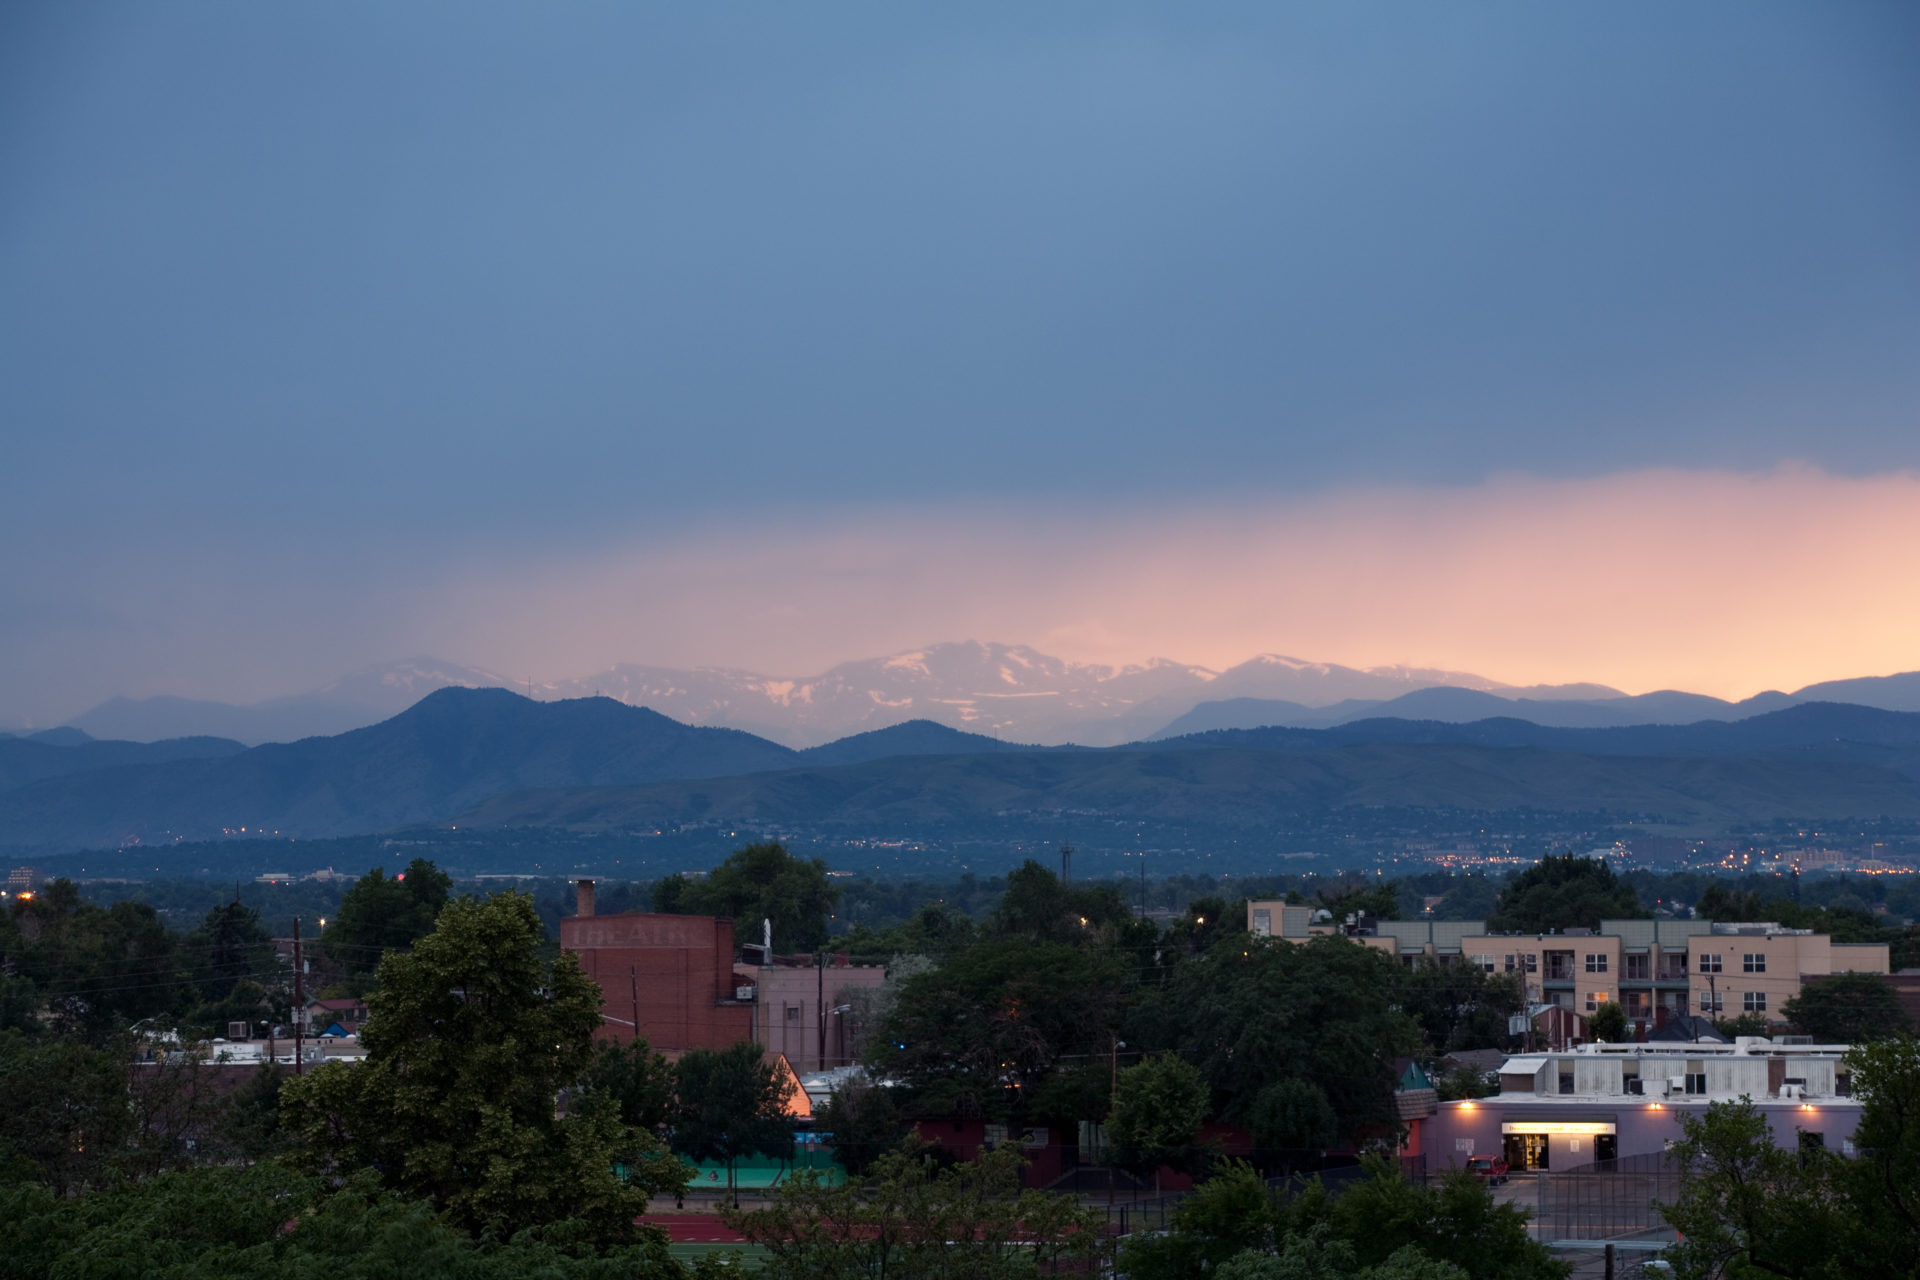 Mount Evans sunset - July 5, 2011